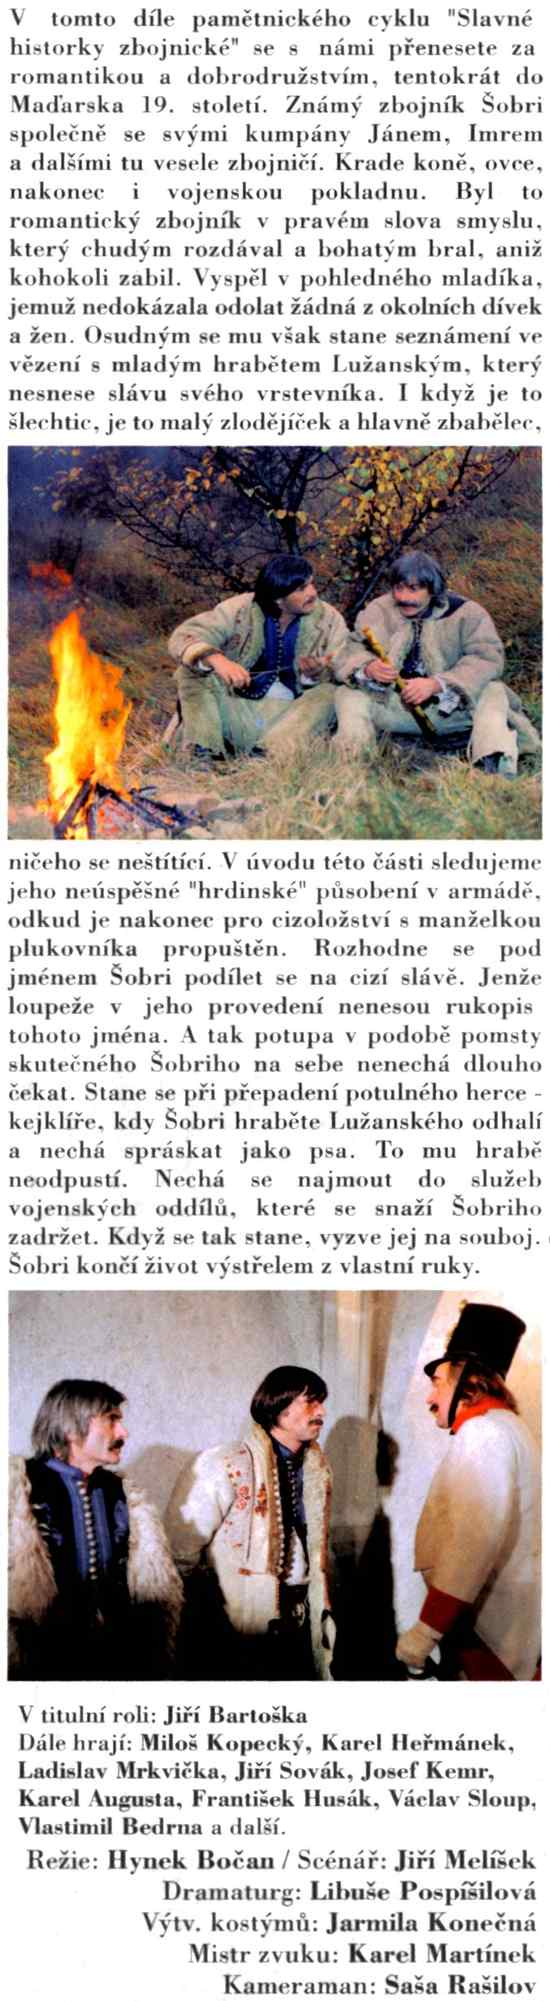 Slavné historky Zbojnické 2 Šabri Jožka